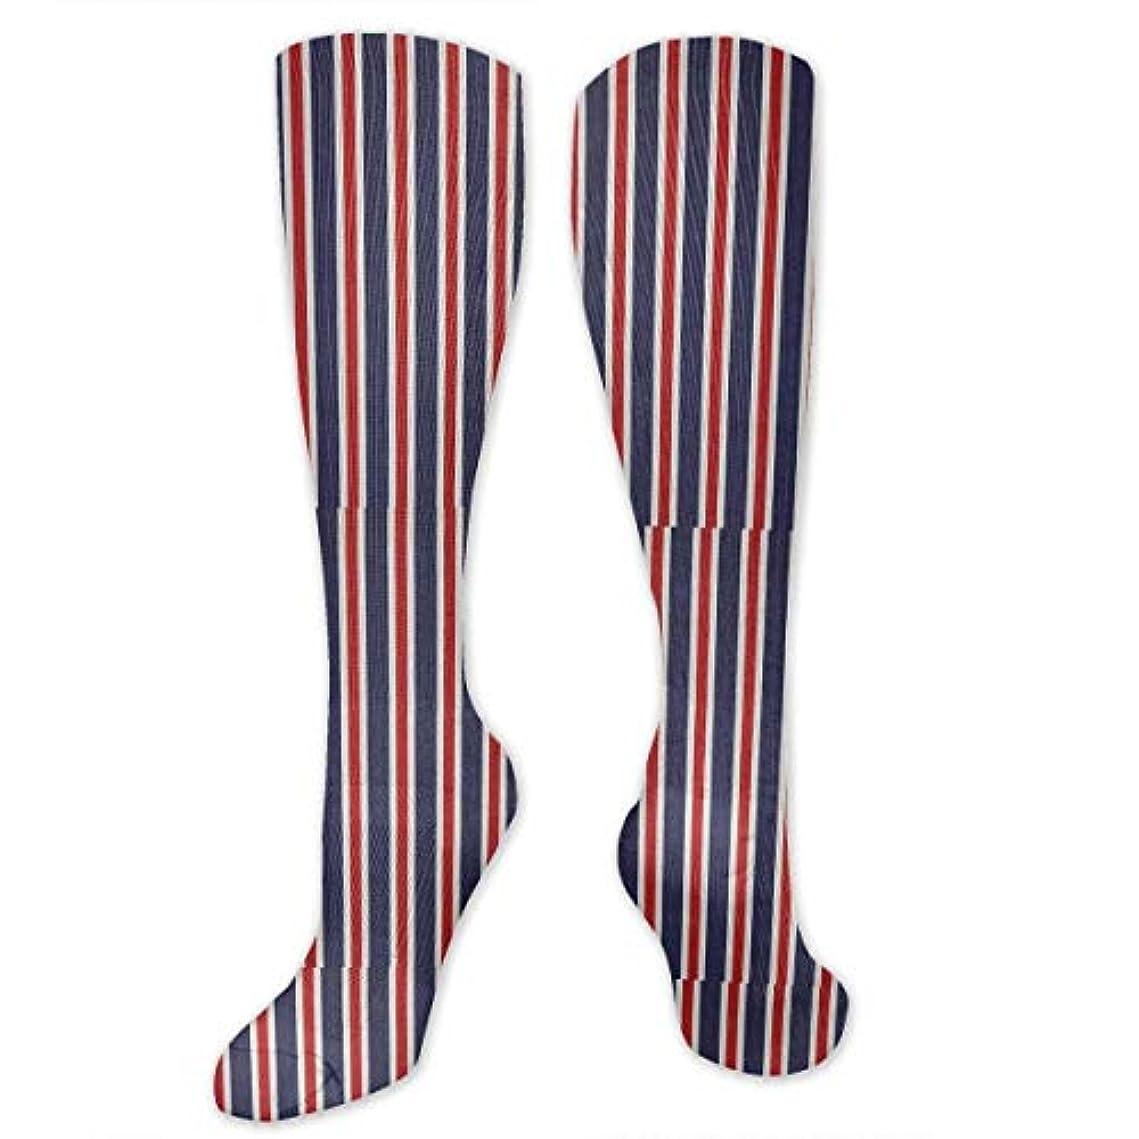 司教算術マスタード靴下,ストッキング,野生のジョーカー,実際,秋の本質,冬必須,サマーウェア&RBXAA Red White Blue Striped Fabrics Socks Women's Winter Cotton Long Tube...